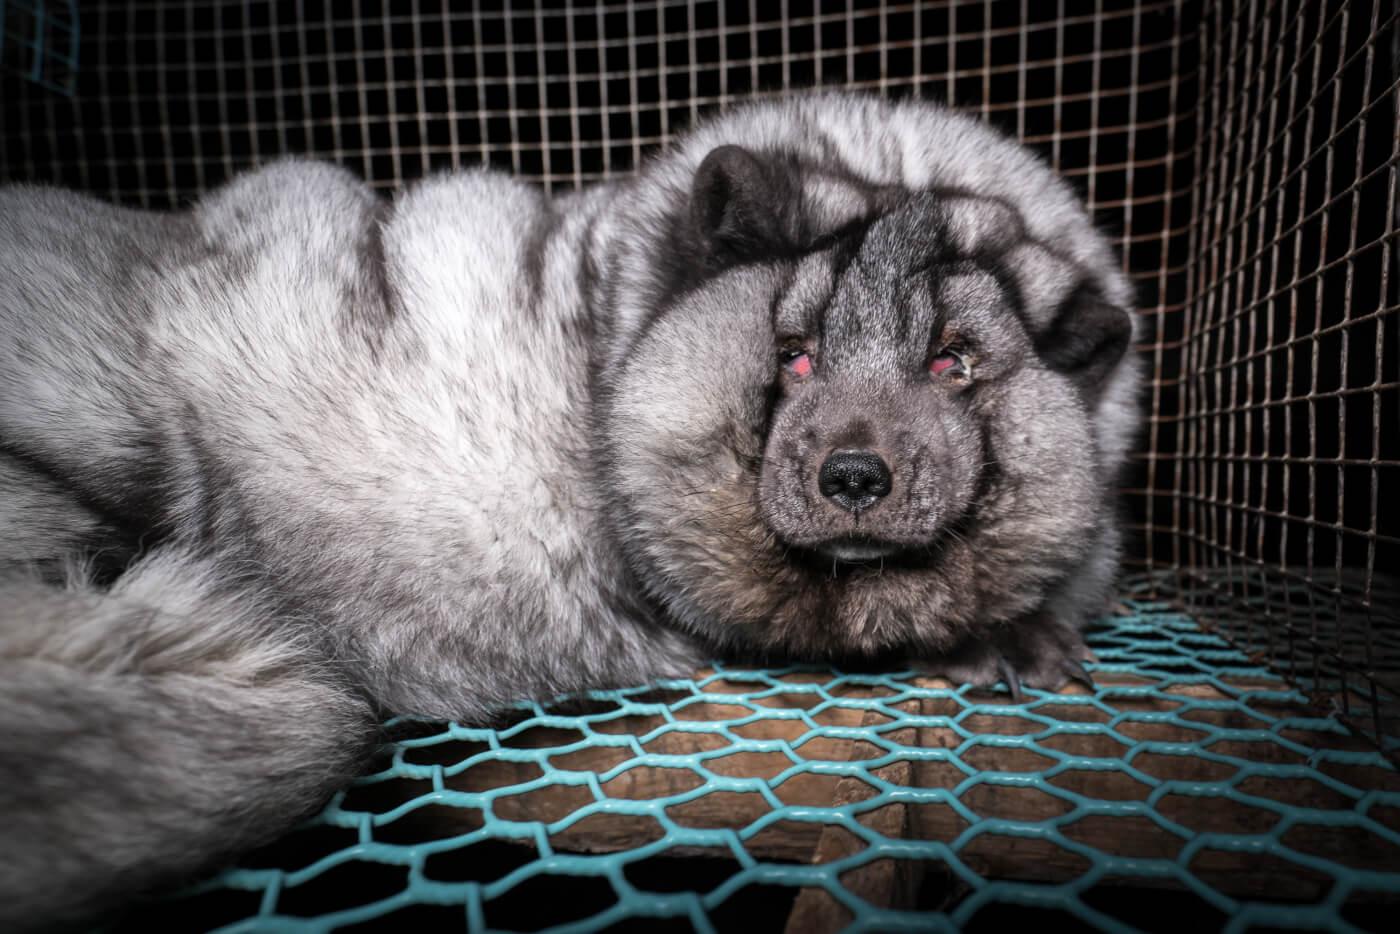 In Finland worden vossen met ernstig overgewicht gefokt voor bont